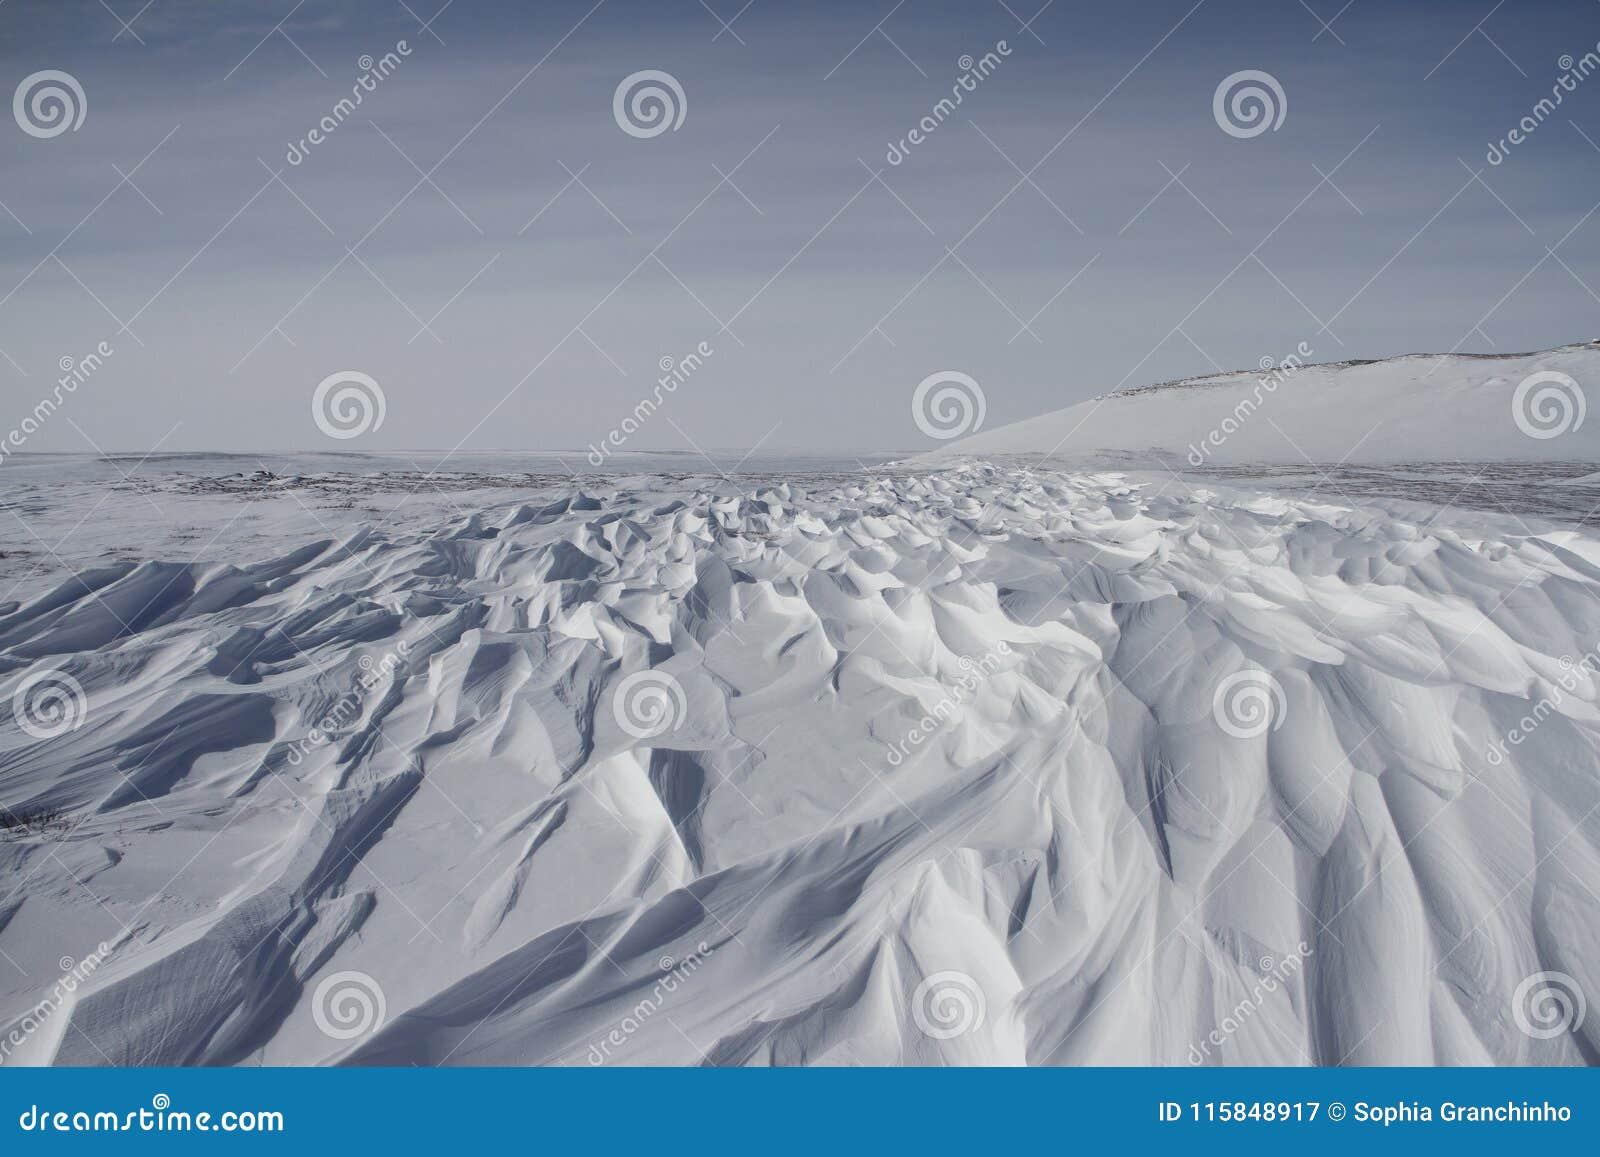 Modelos hermosos del sastrugi, cantos ondulados paralelos causados por los vientos en superficie de la nieve dura